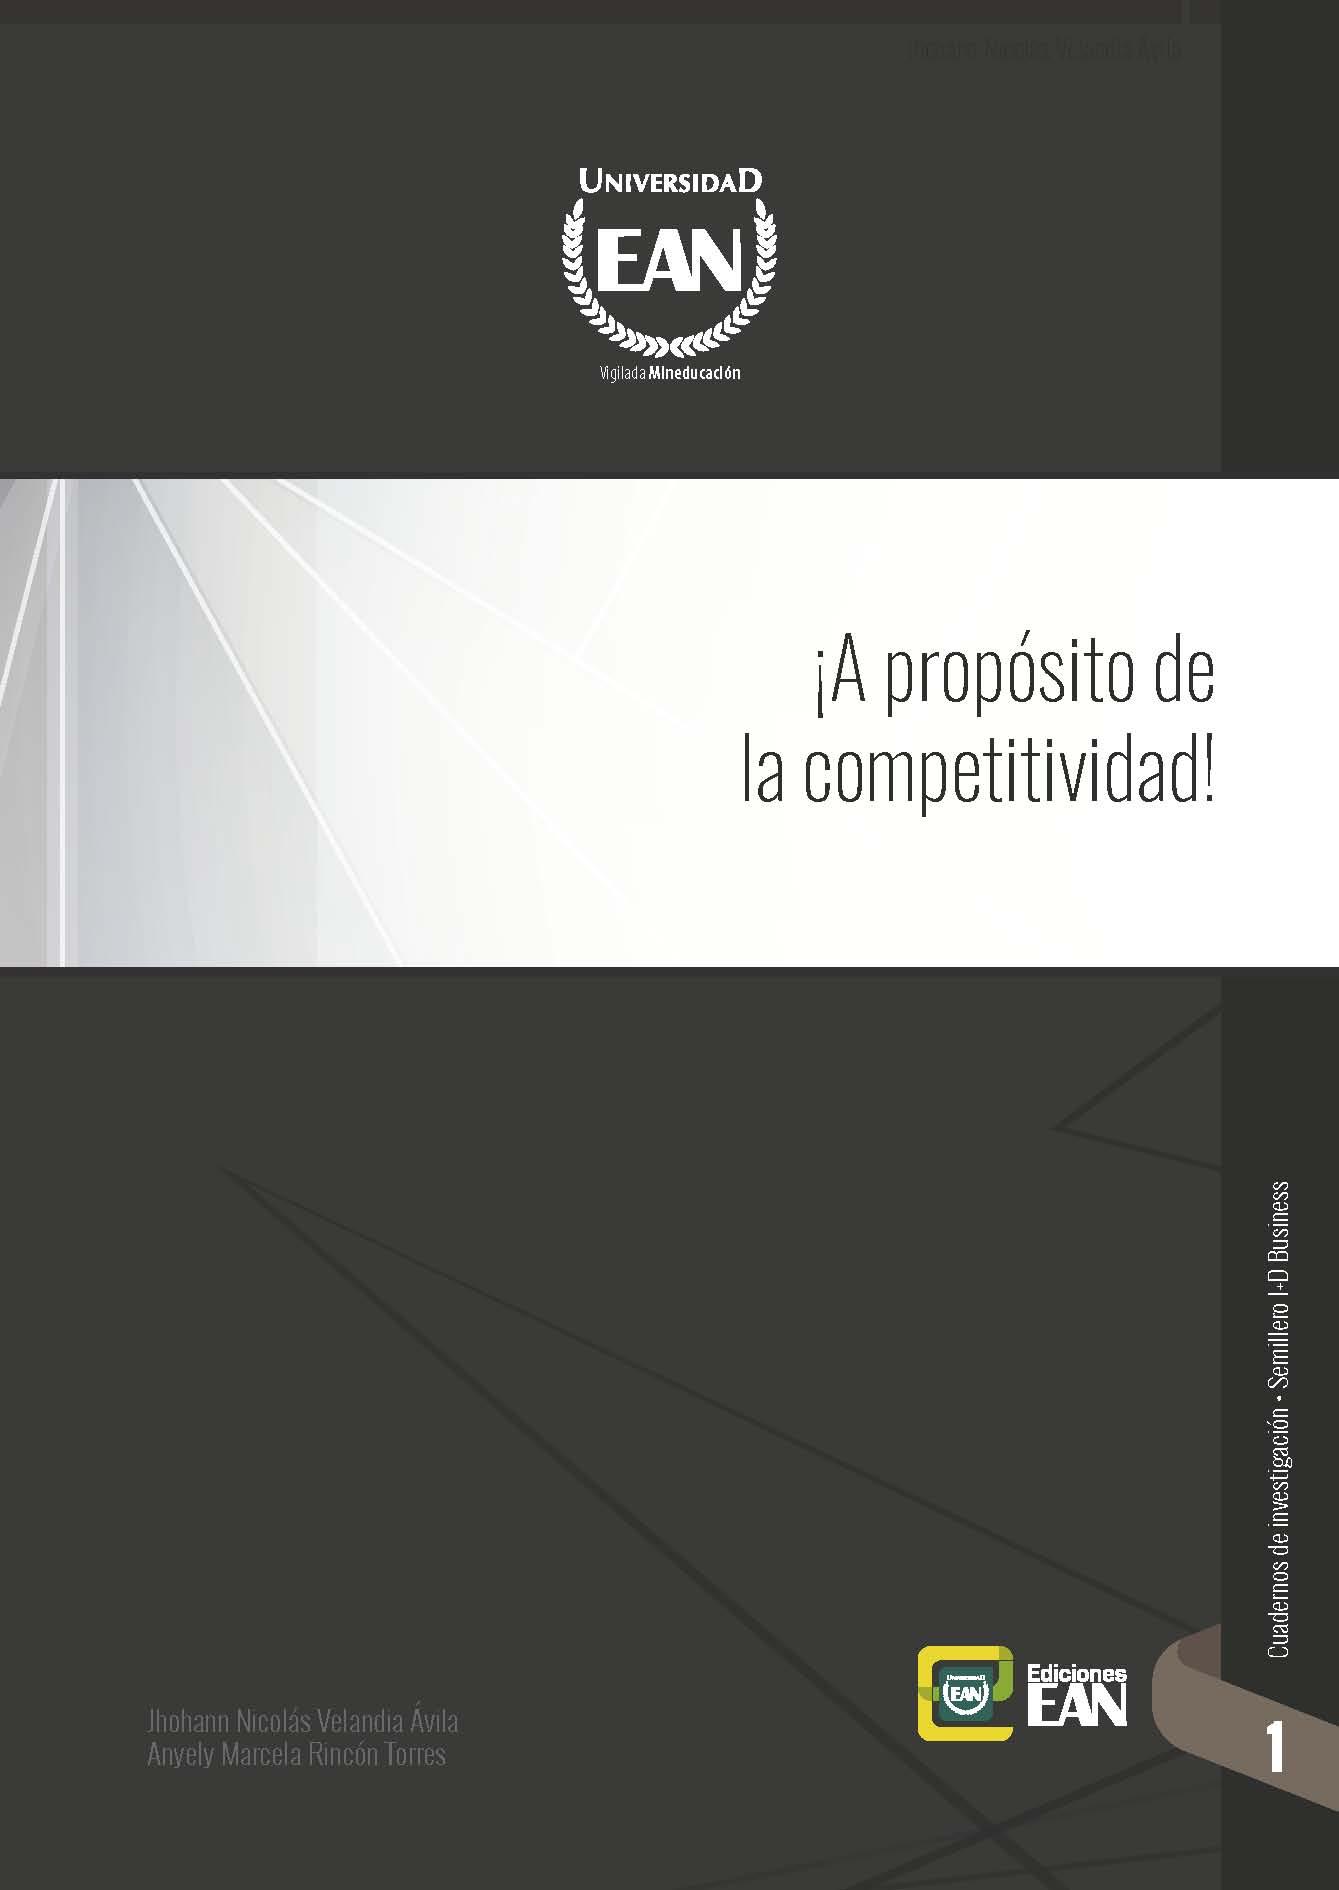 ¡A propósito de la competitividad!